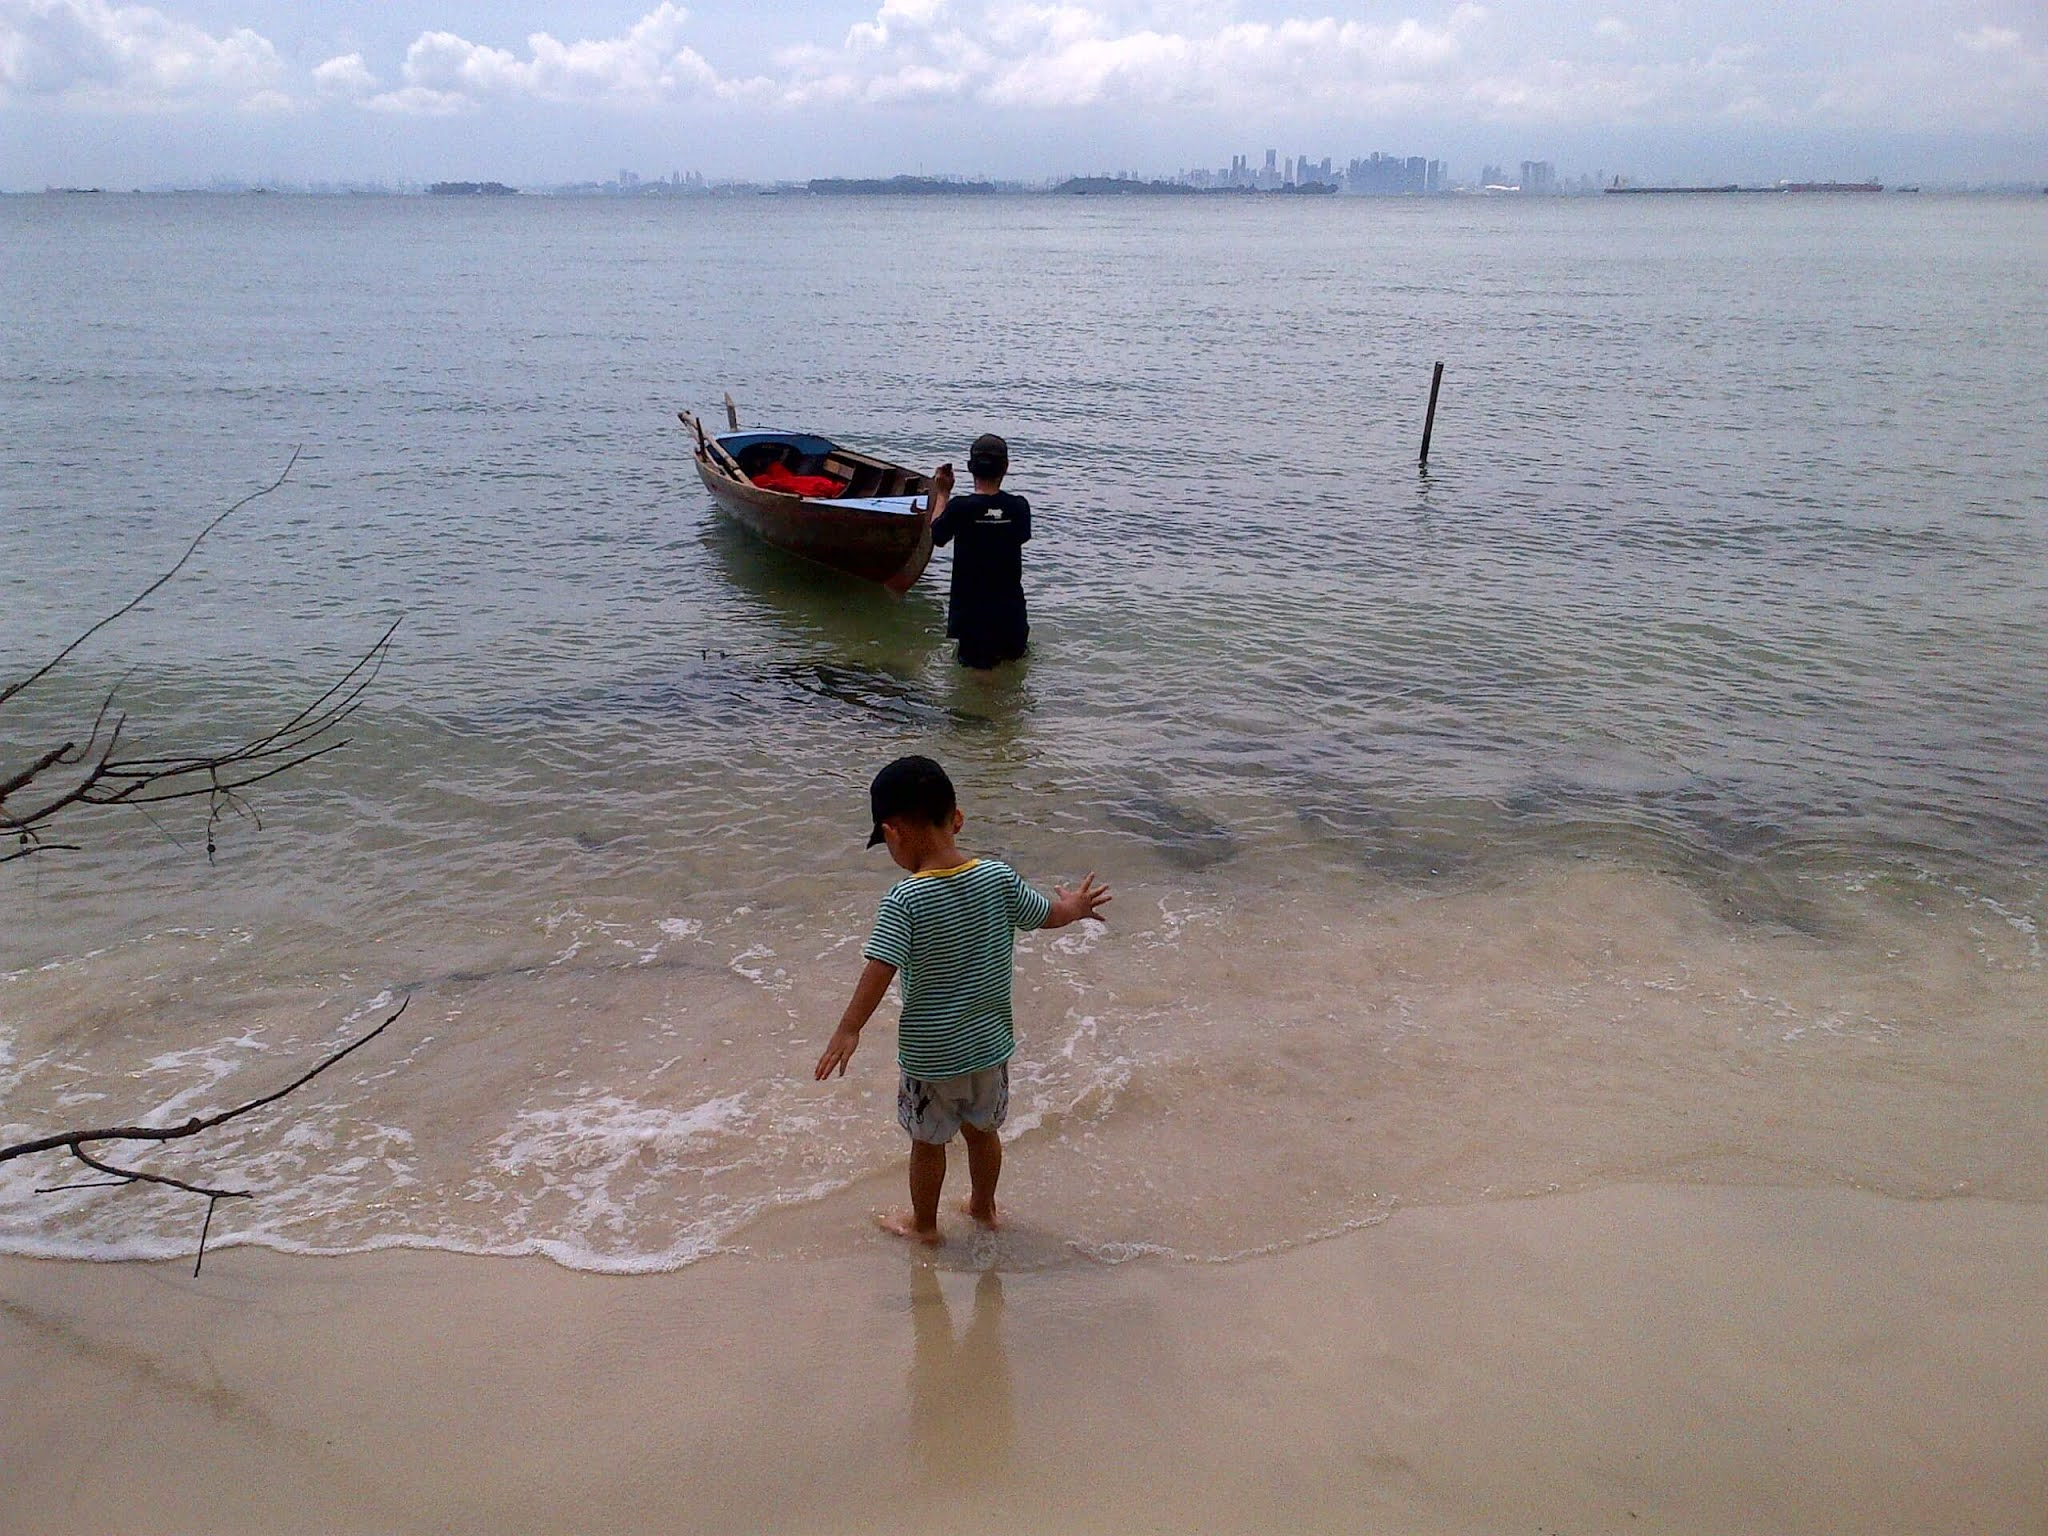 Pantai Indah, Pulau Lengkana Belakang Padang 1